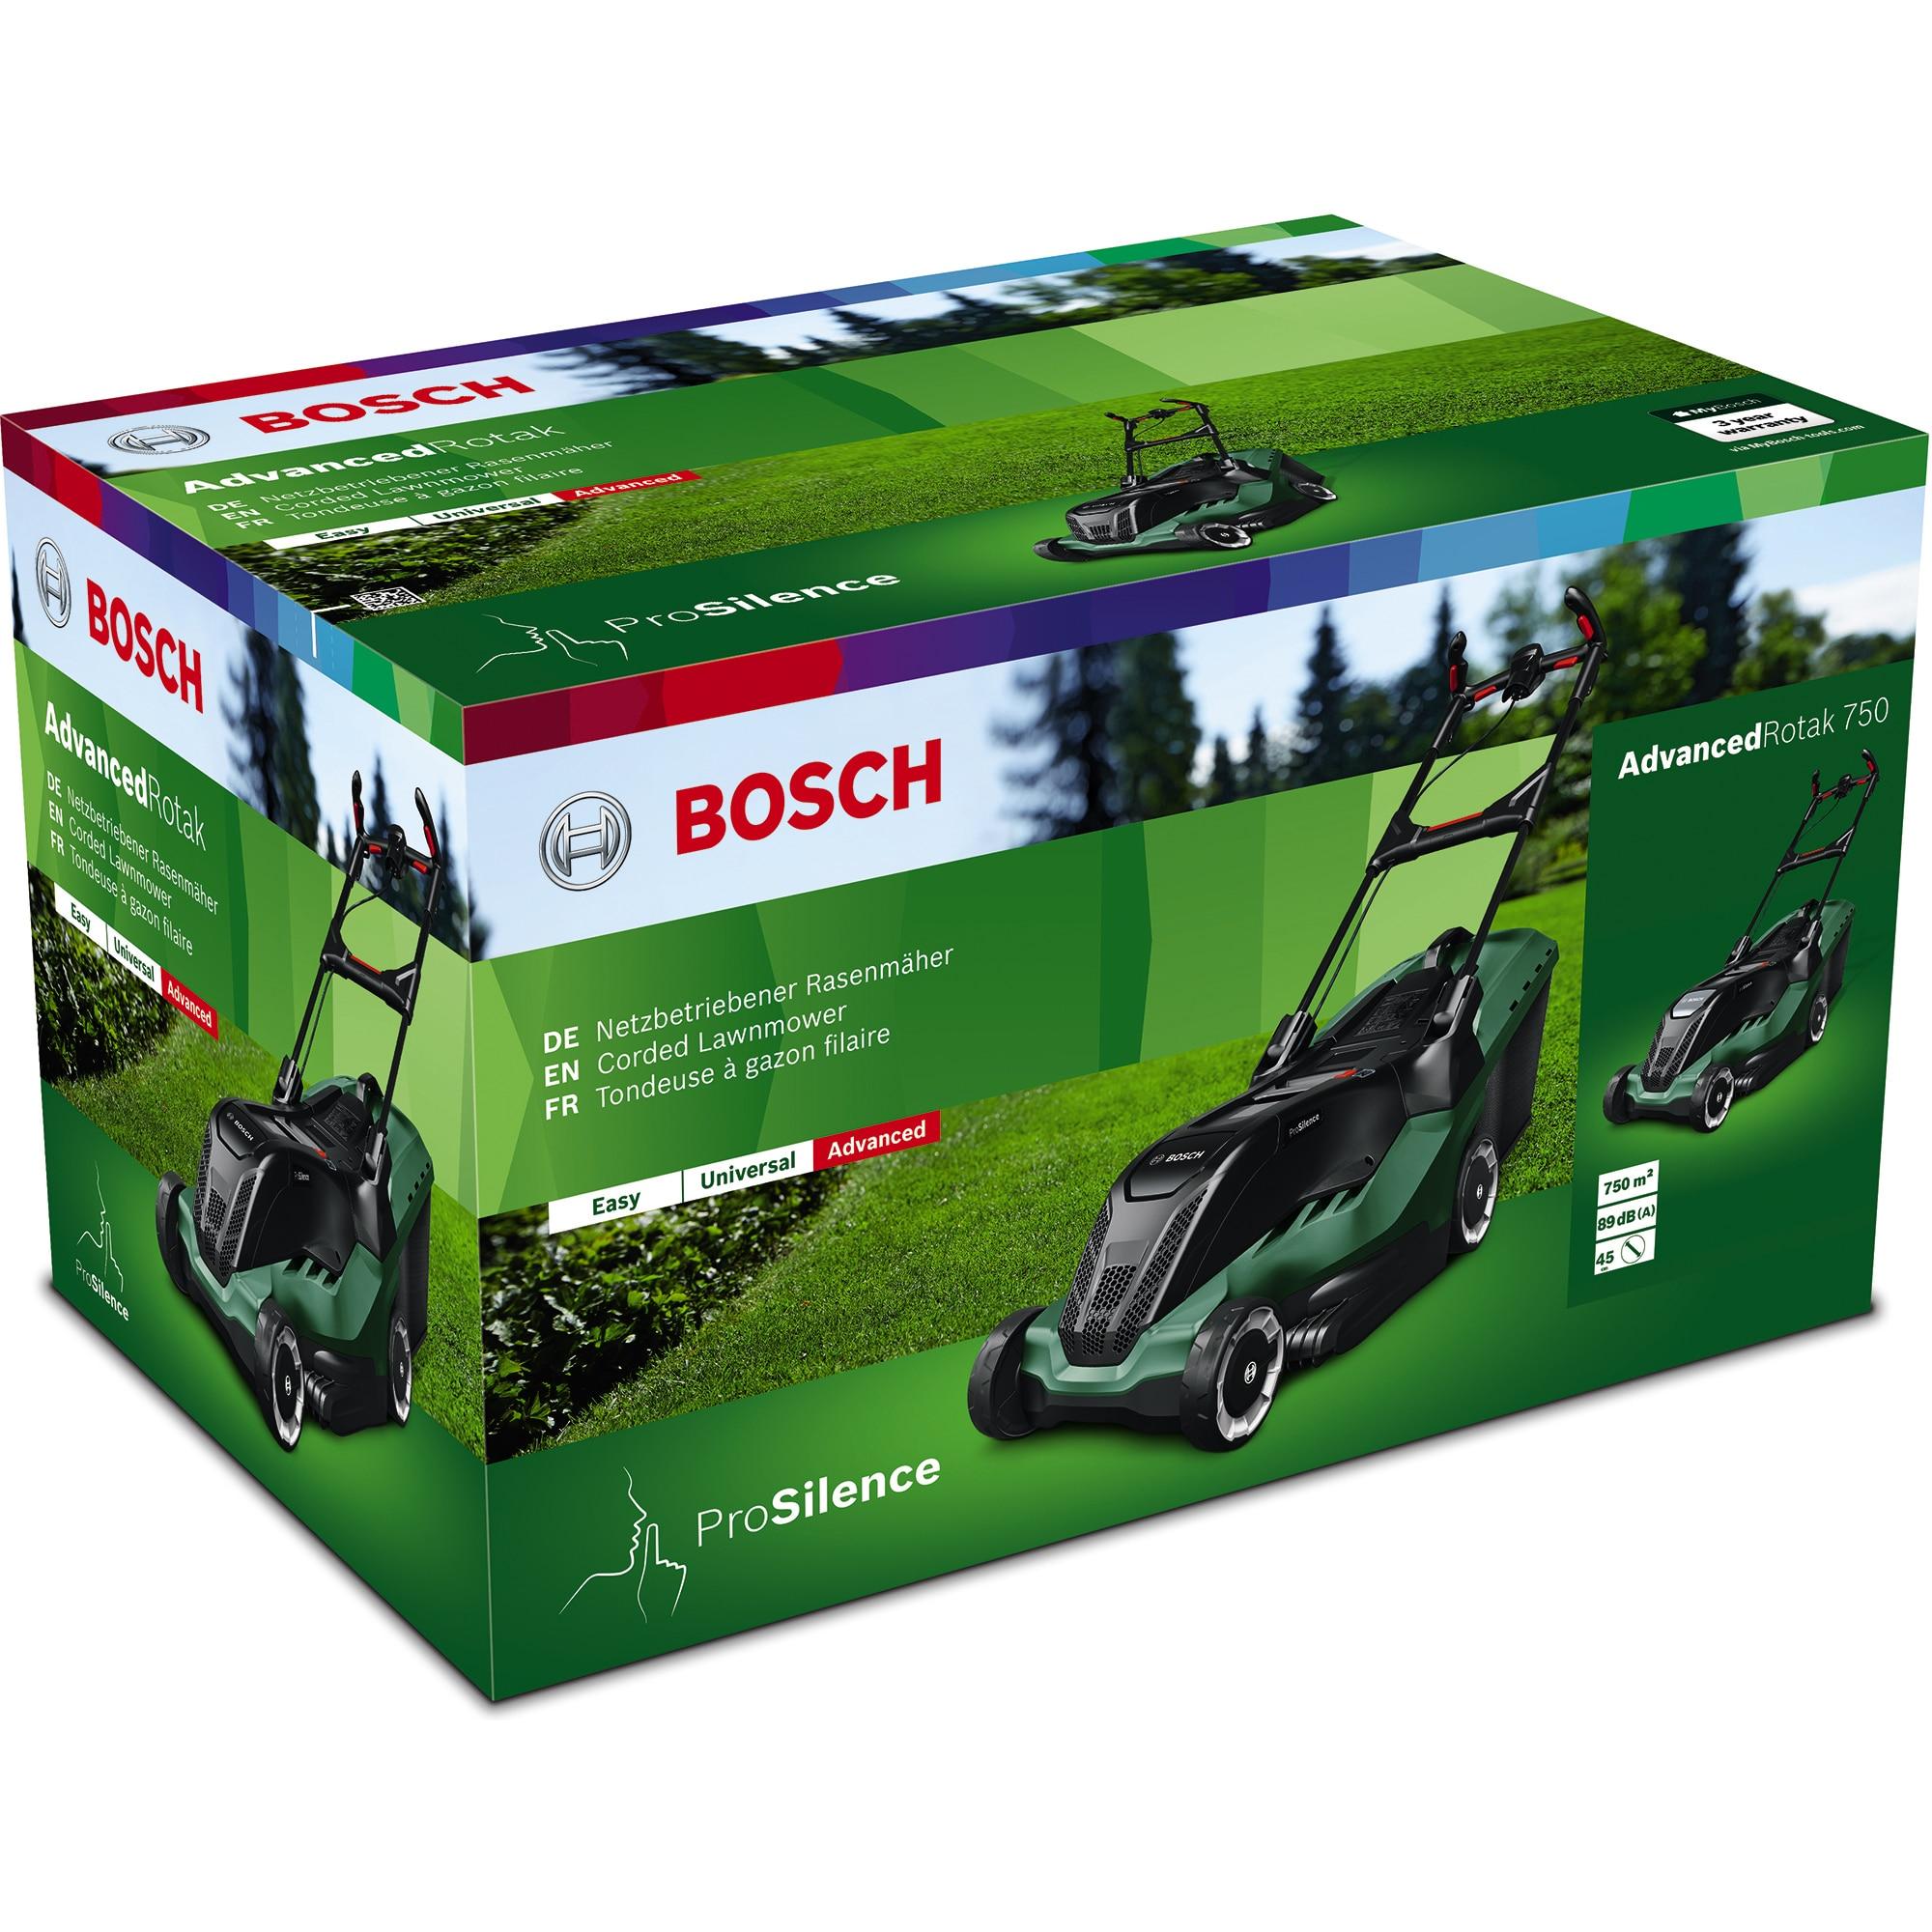 Bosch AdvancedRotak 750 elektromos fűnyíró (06008B9300)